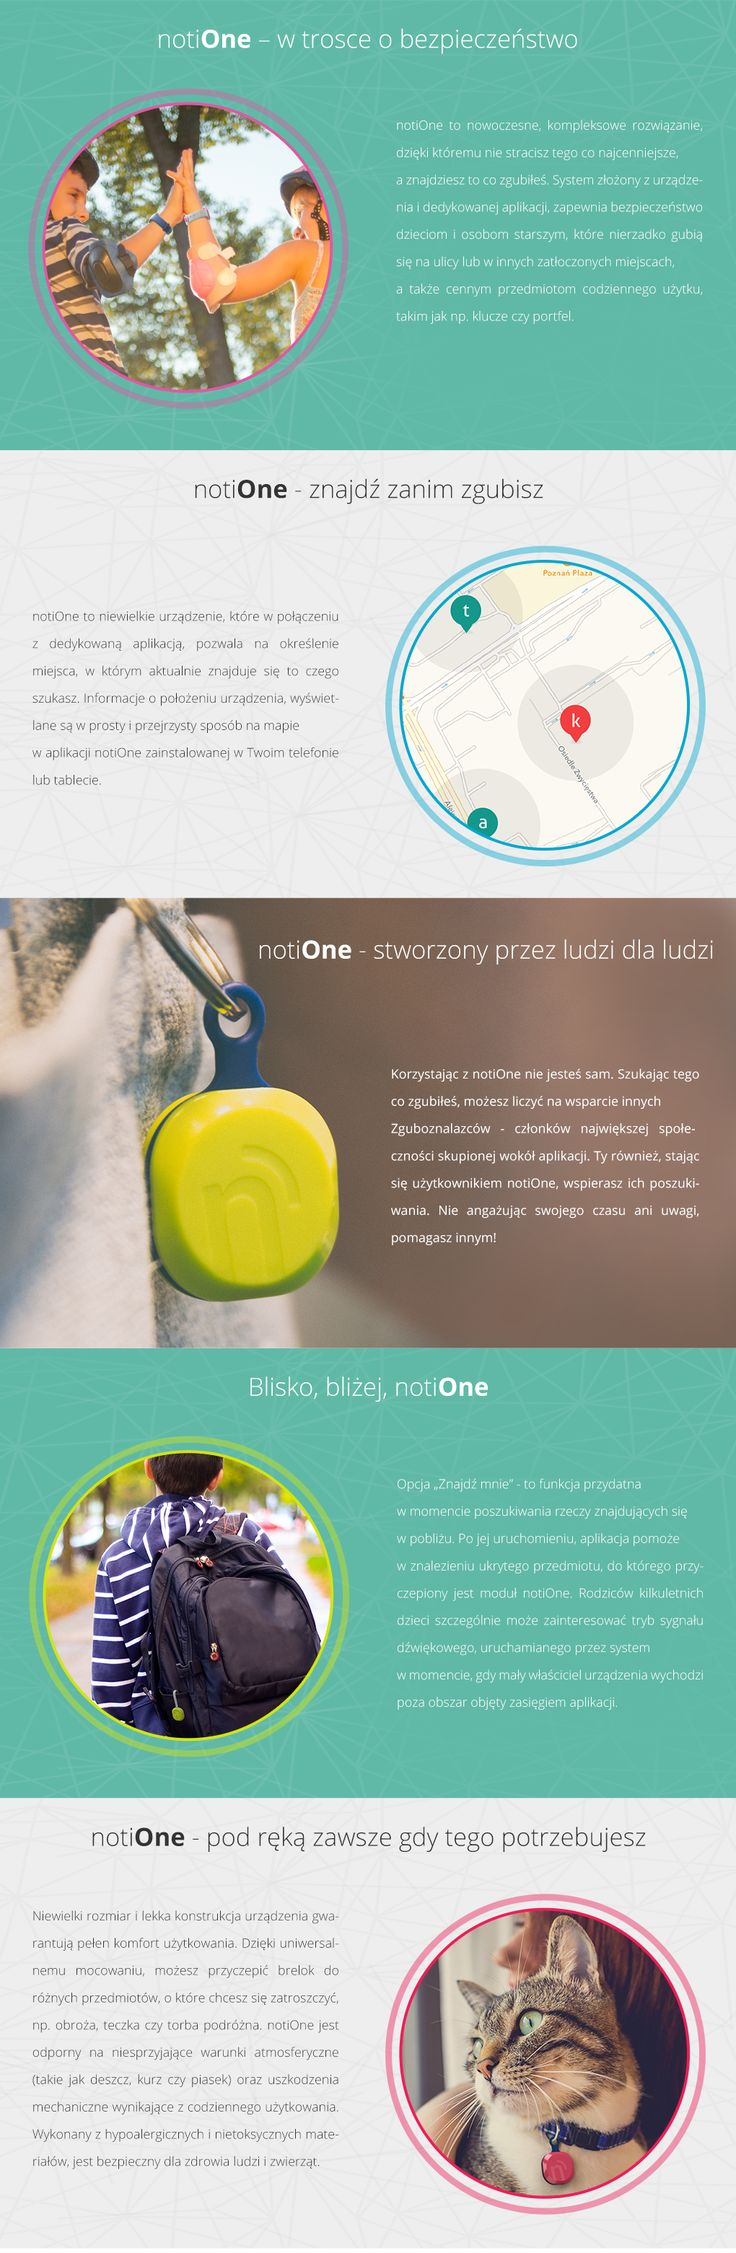 Urządzenie notiOne nto-1 limonka/granat - sklep internetowy www.sferis.pl